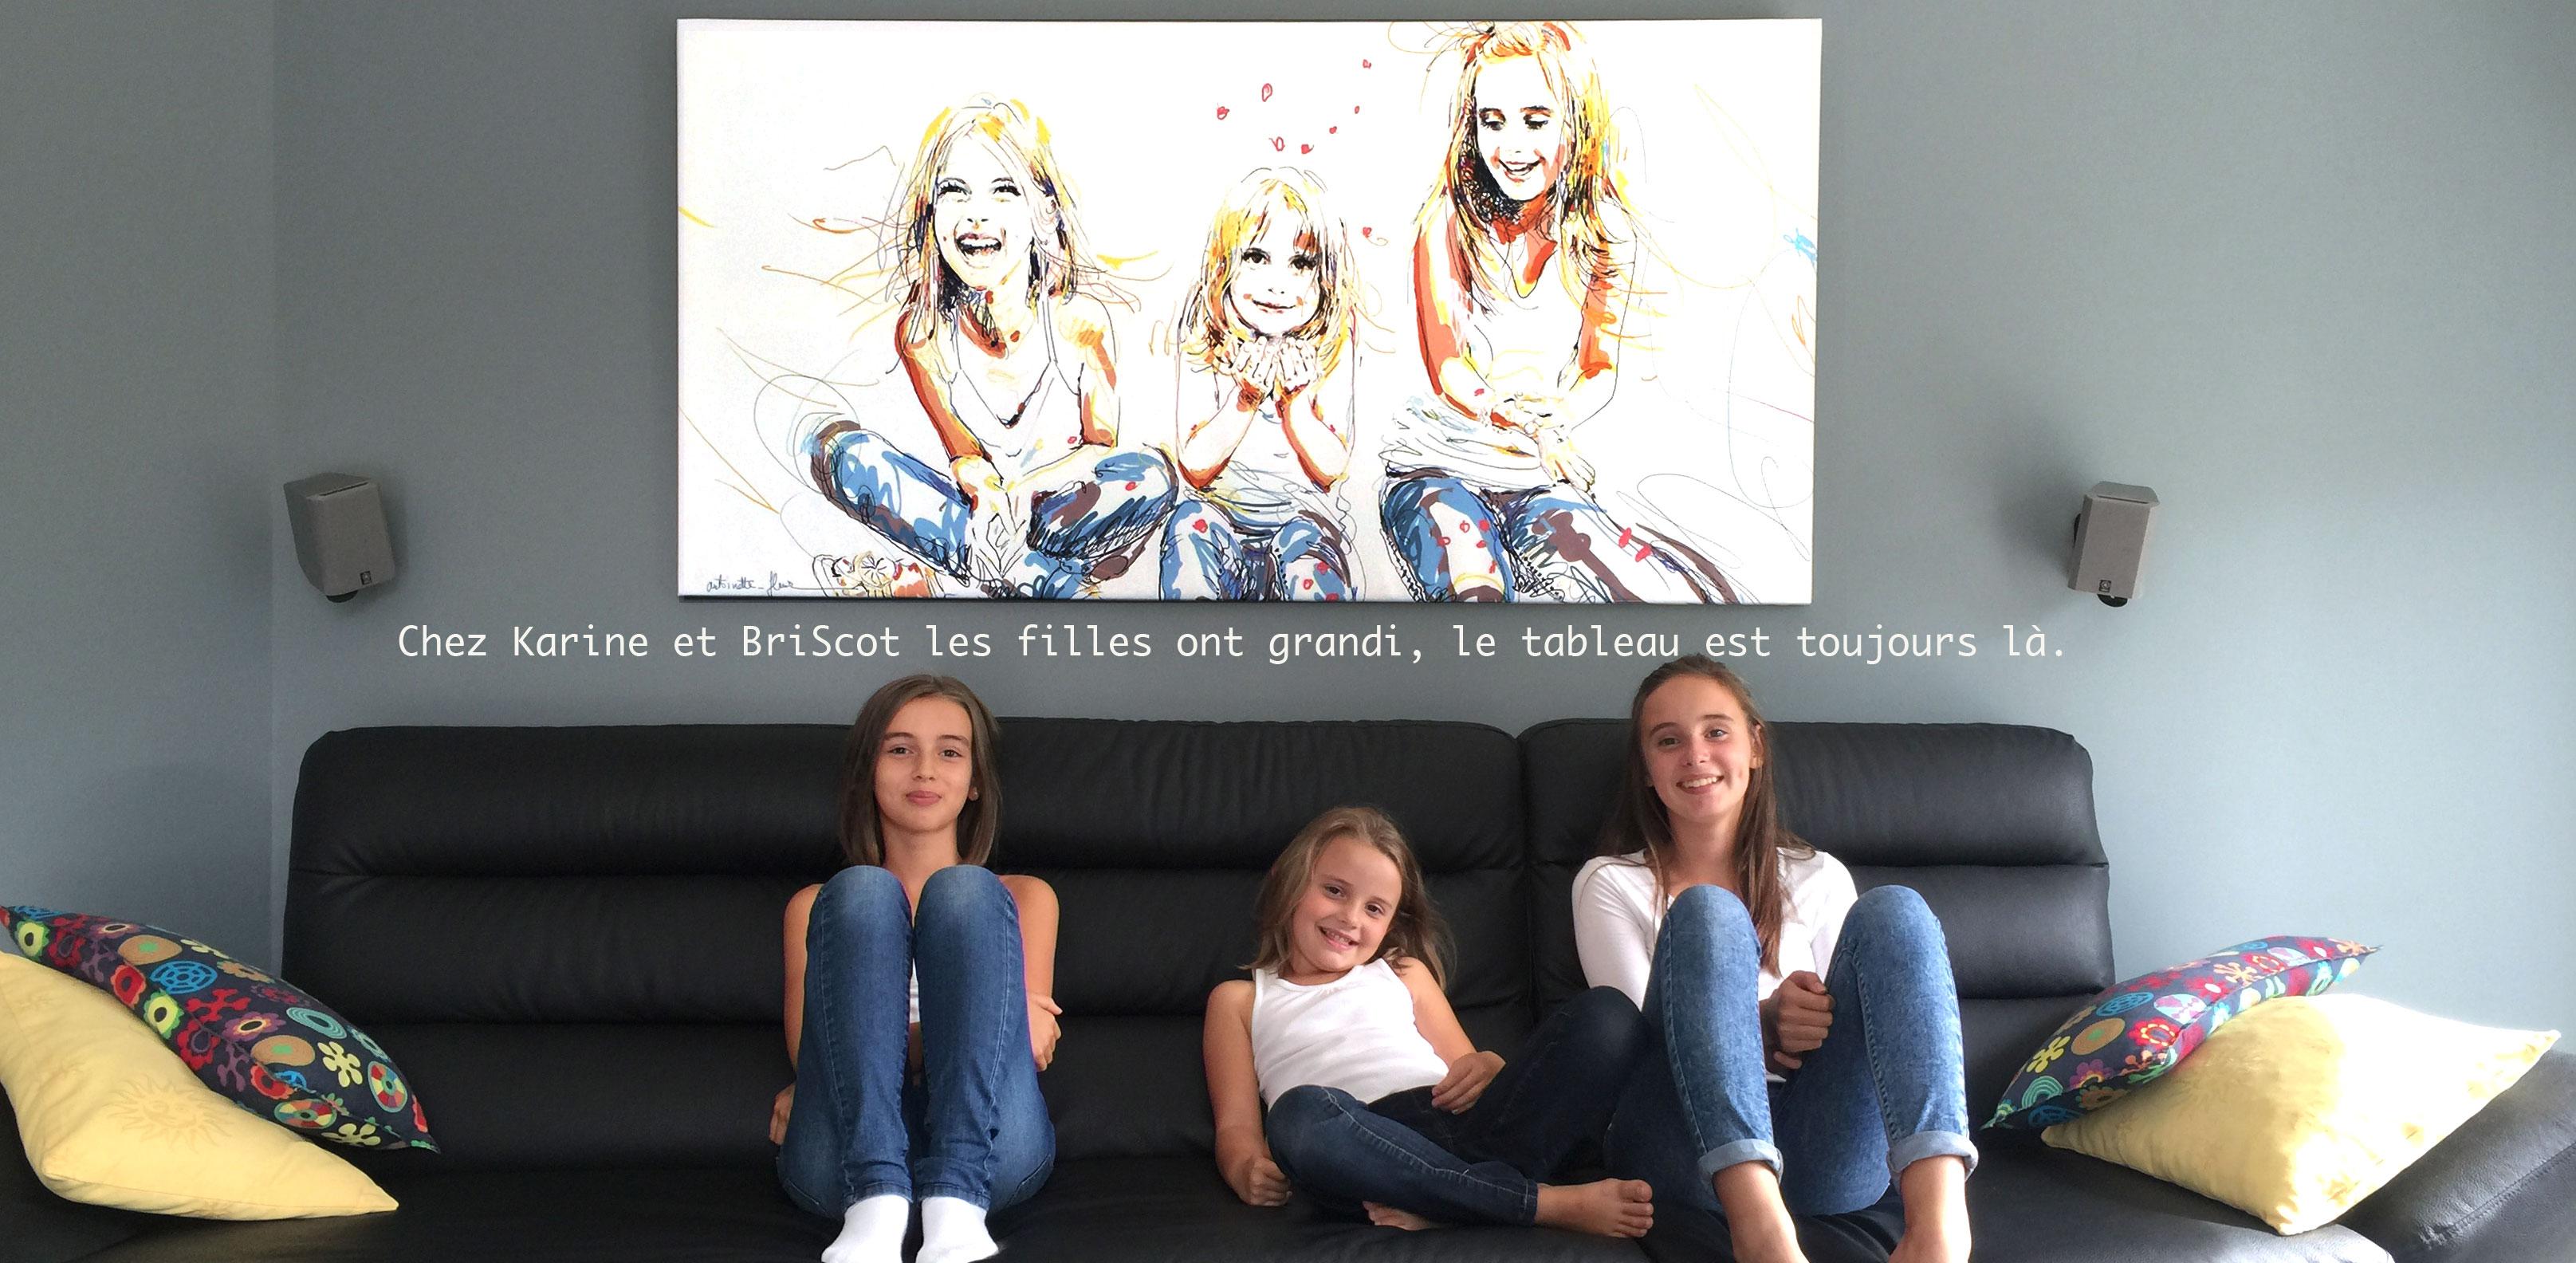 Portraits des 3 filles sur toiles.